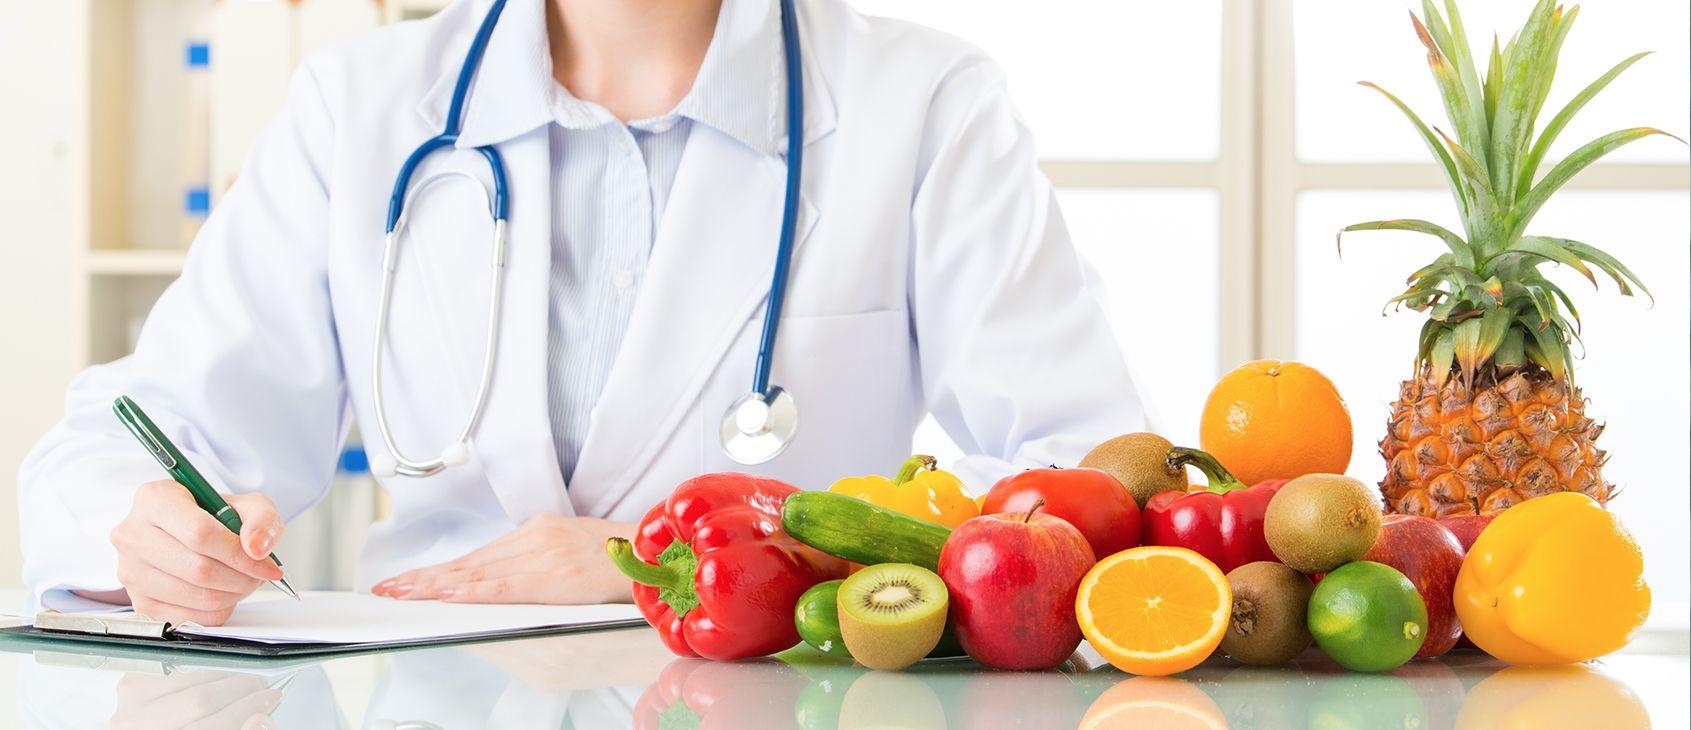 врач и фрукты